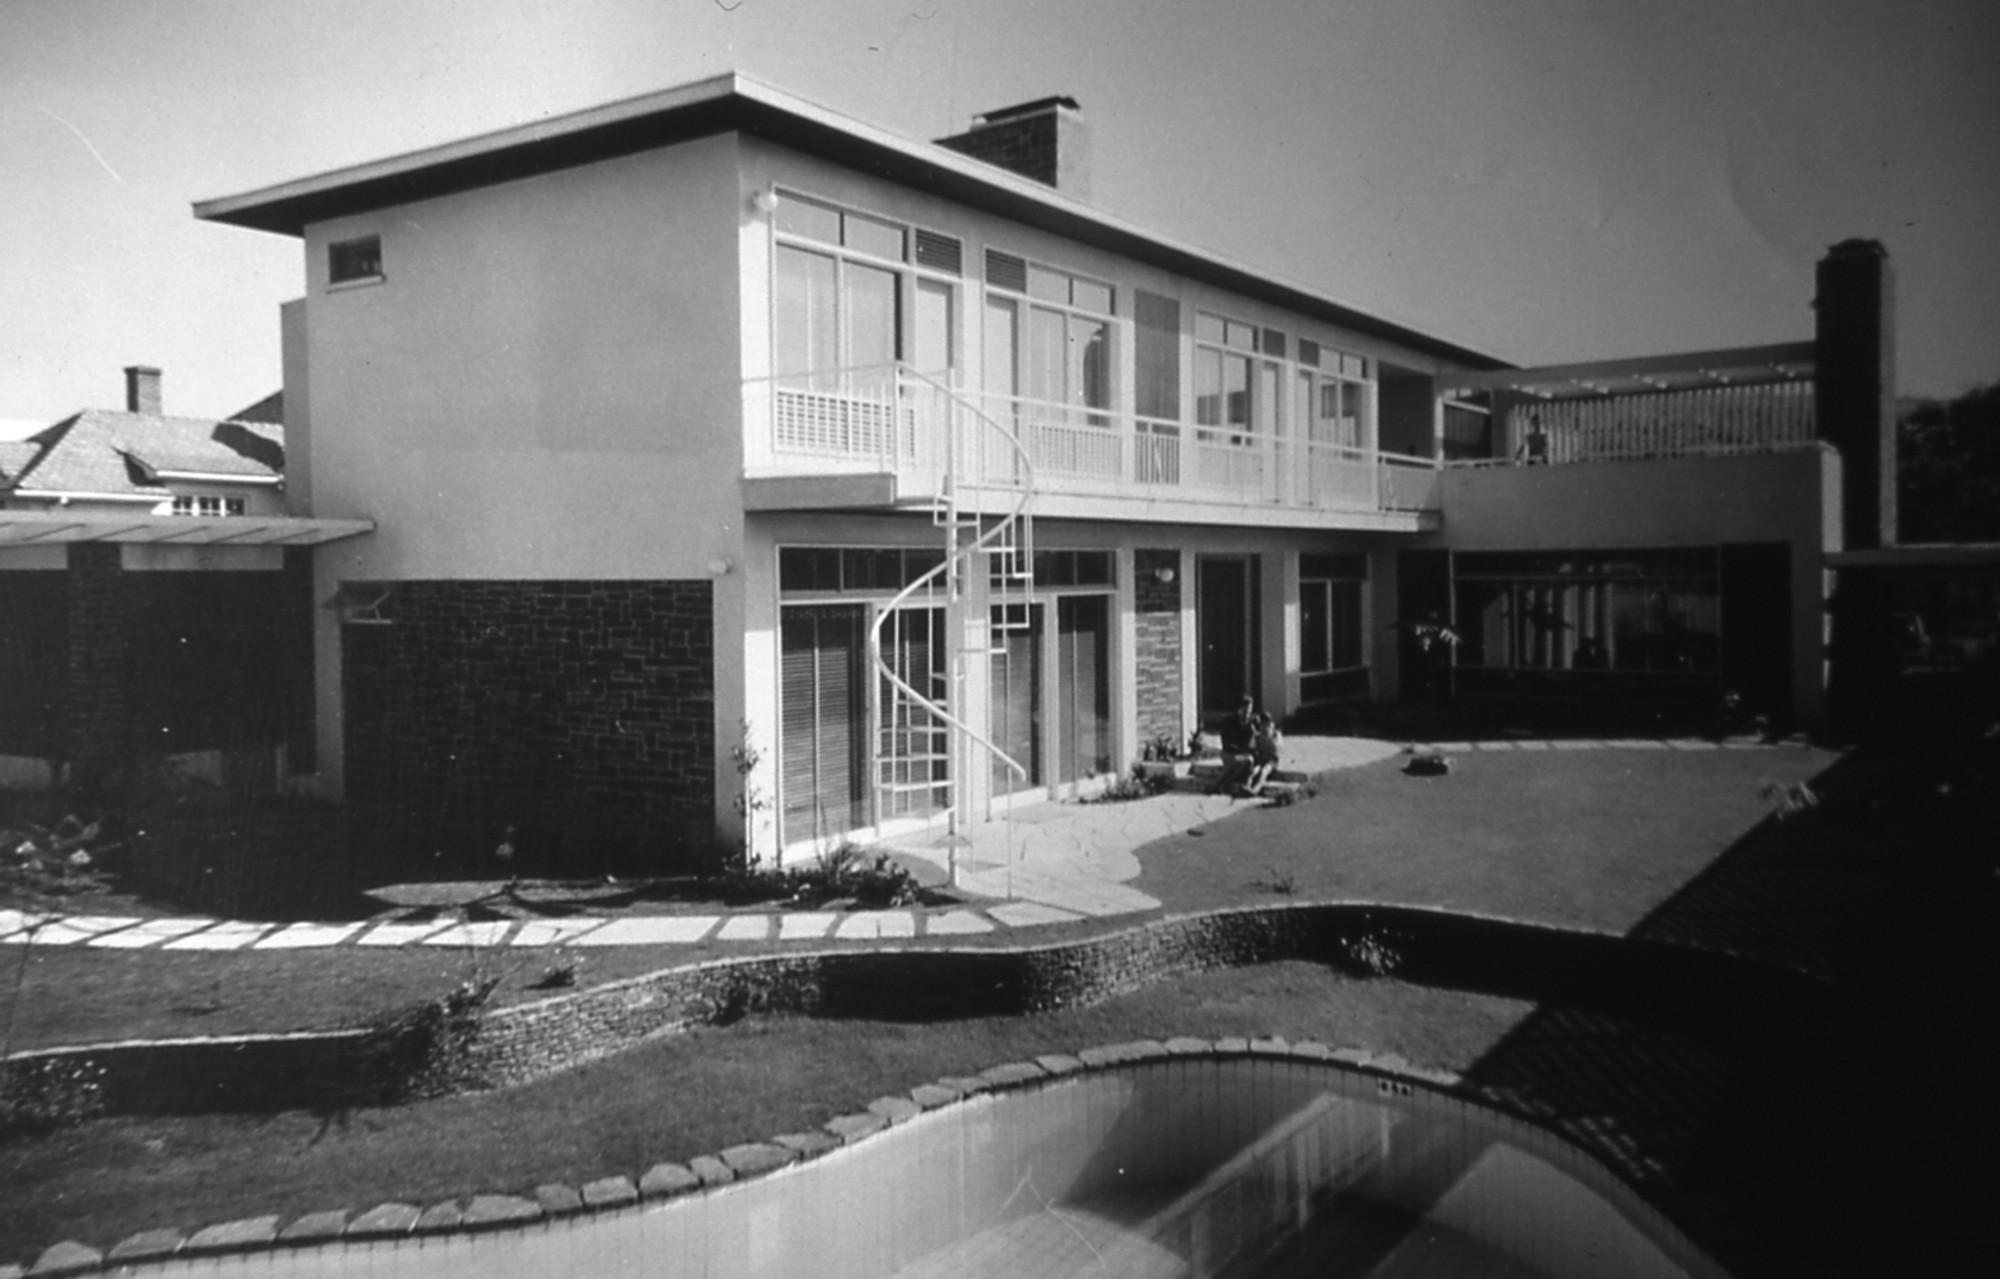 Clásicos de Arquitectura: Casa Stern-Höning / Walter Reis, © Cortesía de Movimiento Moderno Olvidado, 50 viviendas en Santiago de Chile 1940-1970